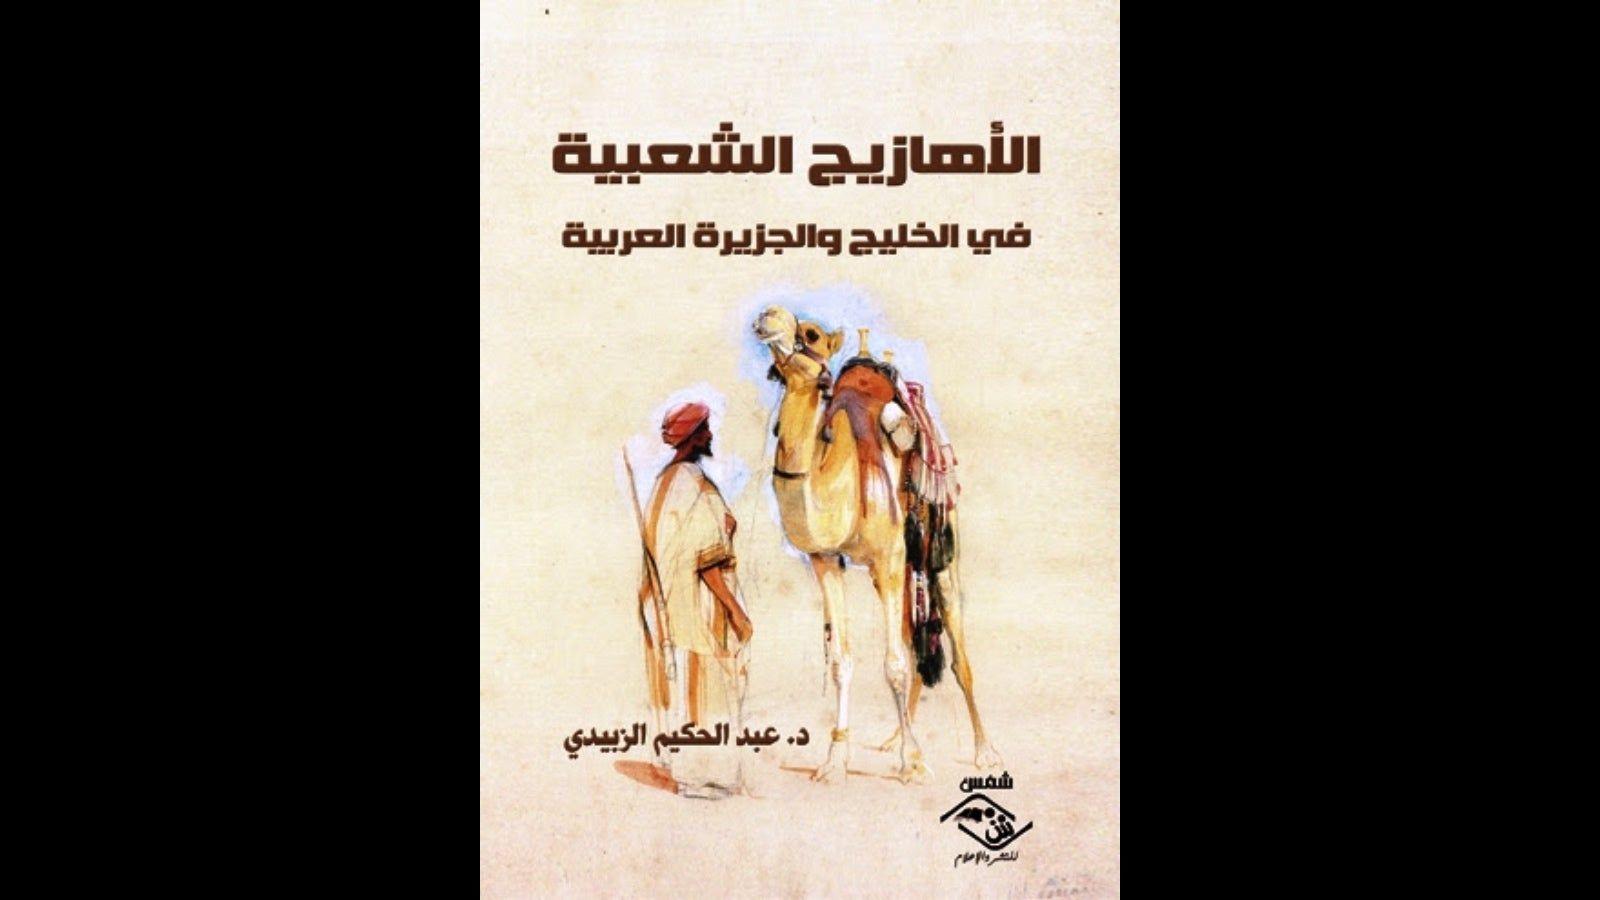 صدور كتاب الأهازيج الشعبية في الخليج والجزيرة العربية للدكتور عبد الحكيم الزبيدي Book Cover Books